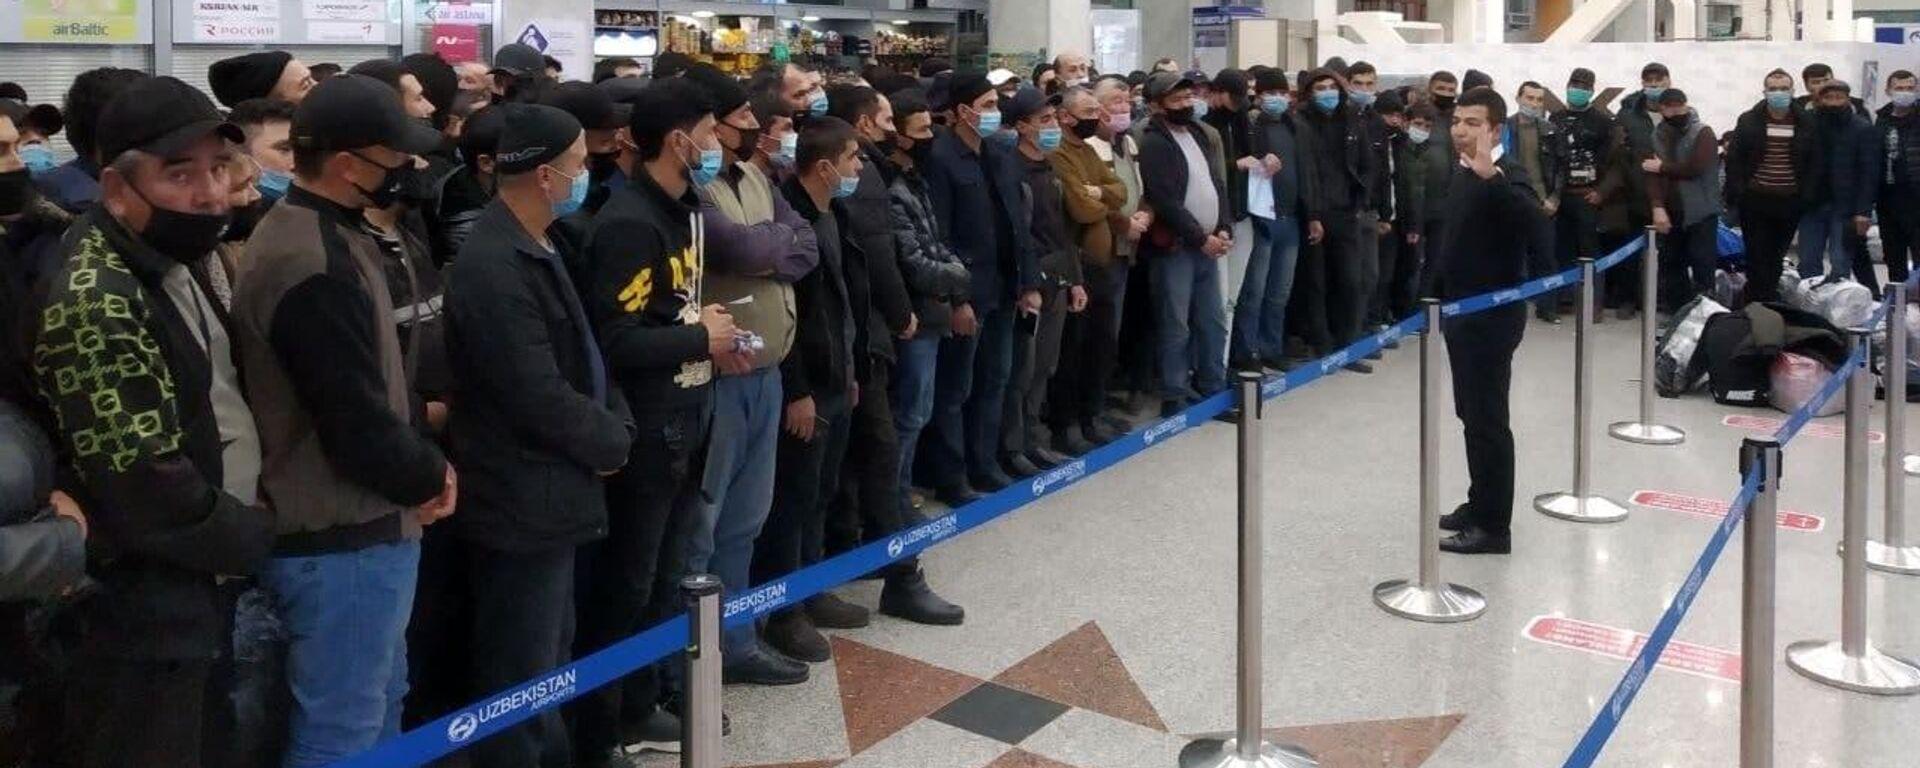 Около 200 мигрантов из Узбекистана отправились на работу в Амурскую область - Sputnik Узбекистан, 1920, 19.09.2021